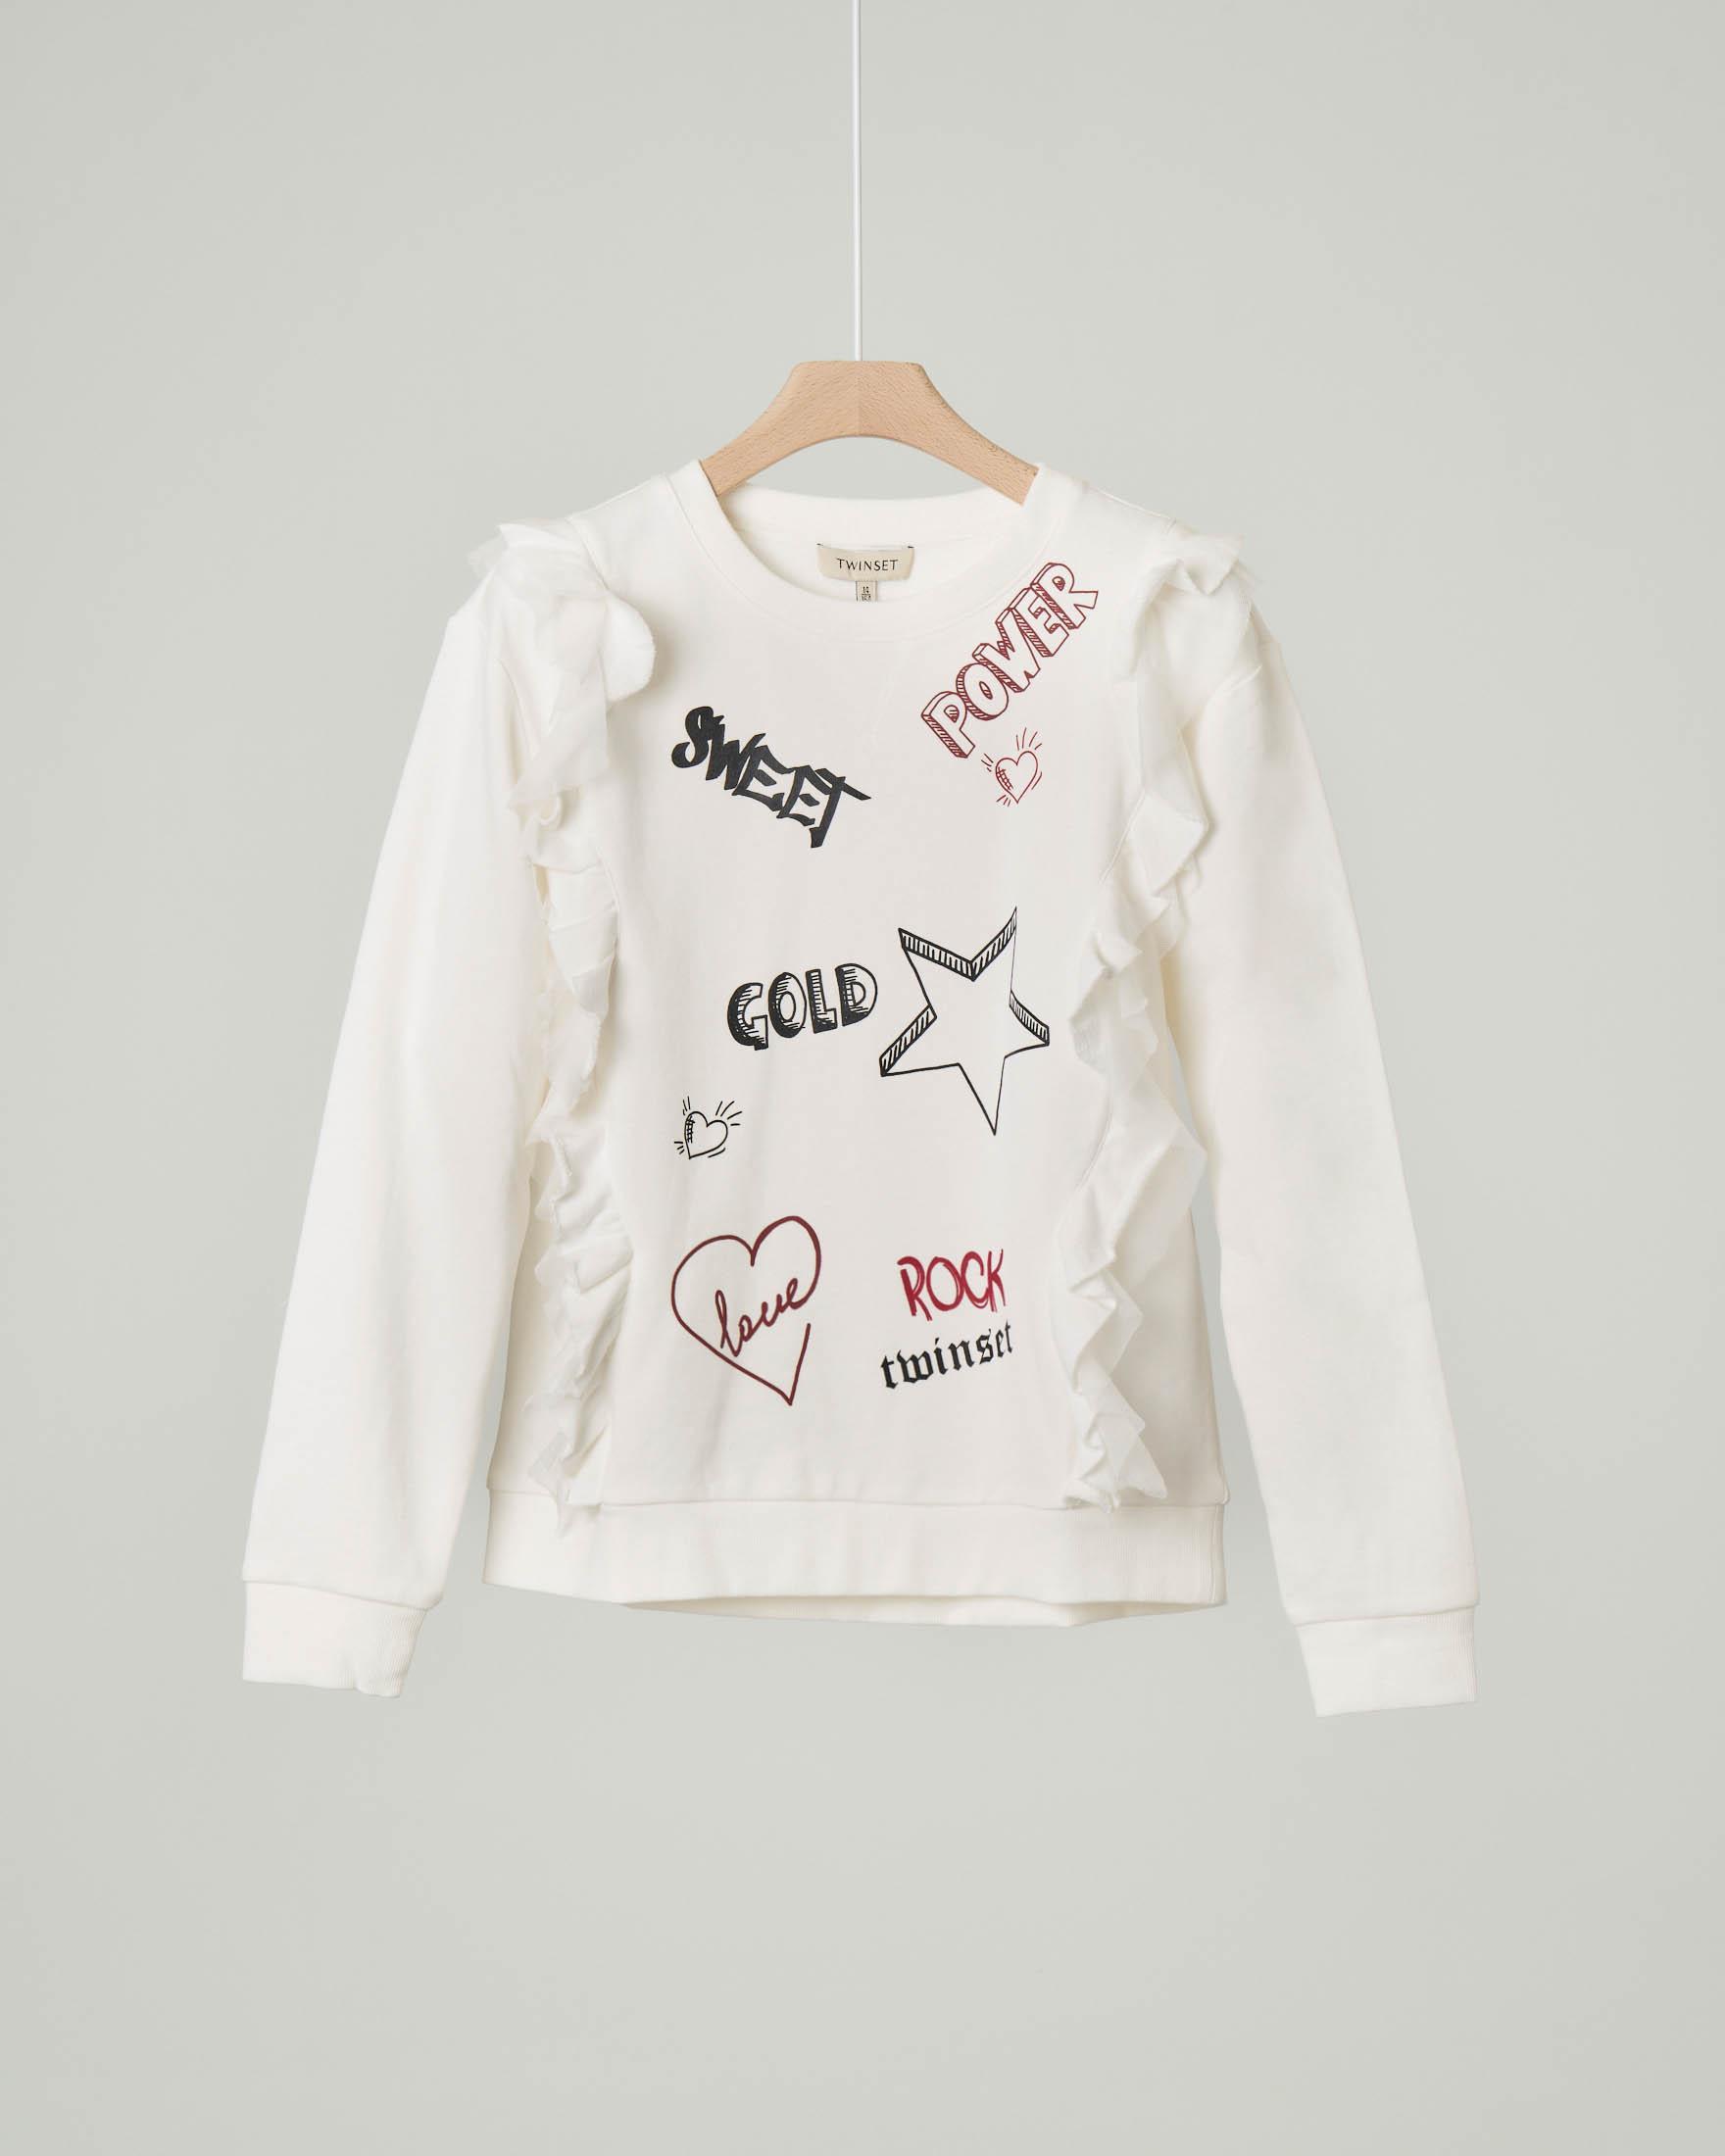 Felpa bianca in cotone con scritte stile street e rouches 8-10 anni